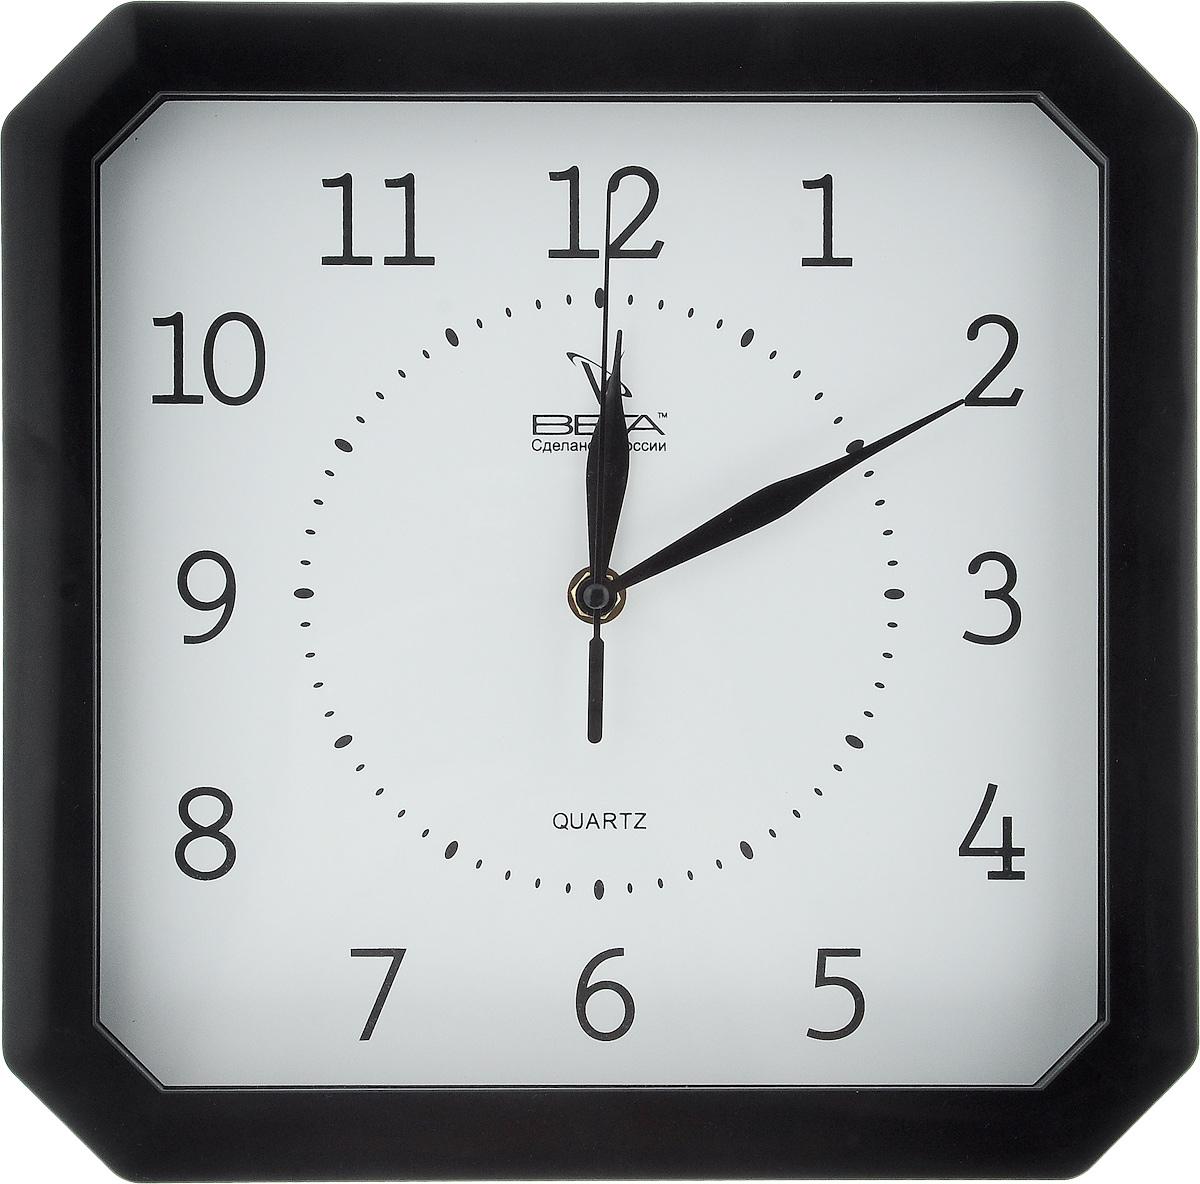 Часы настенные Вега Классика, 27,8 х 27,8 смП1-6/6-4Настенные кварцевые часы Вега Классика, изготовленные из пластика, прекрасно впишутся в интерьер вашего дома. Часы имеют три стрелки: часовую, минутную и секундную, циферблат защищен прозрачным стеклом. Часы работают от 1 батарейки типа АА напряжением 1,5 В (не входит в комплект).Прилагается инструкция по эксплуатации.